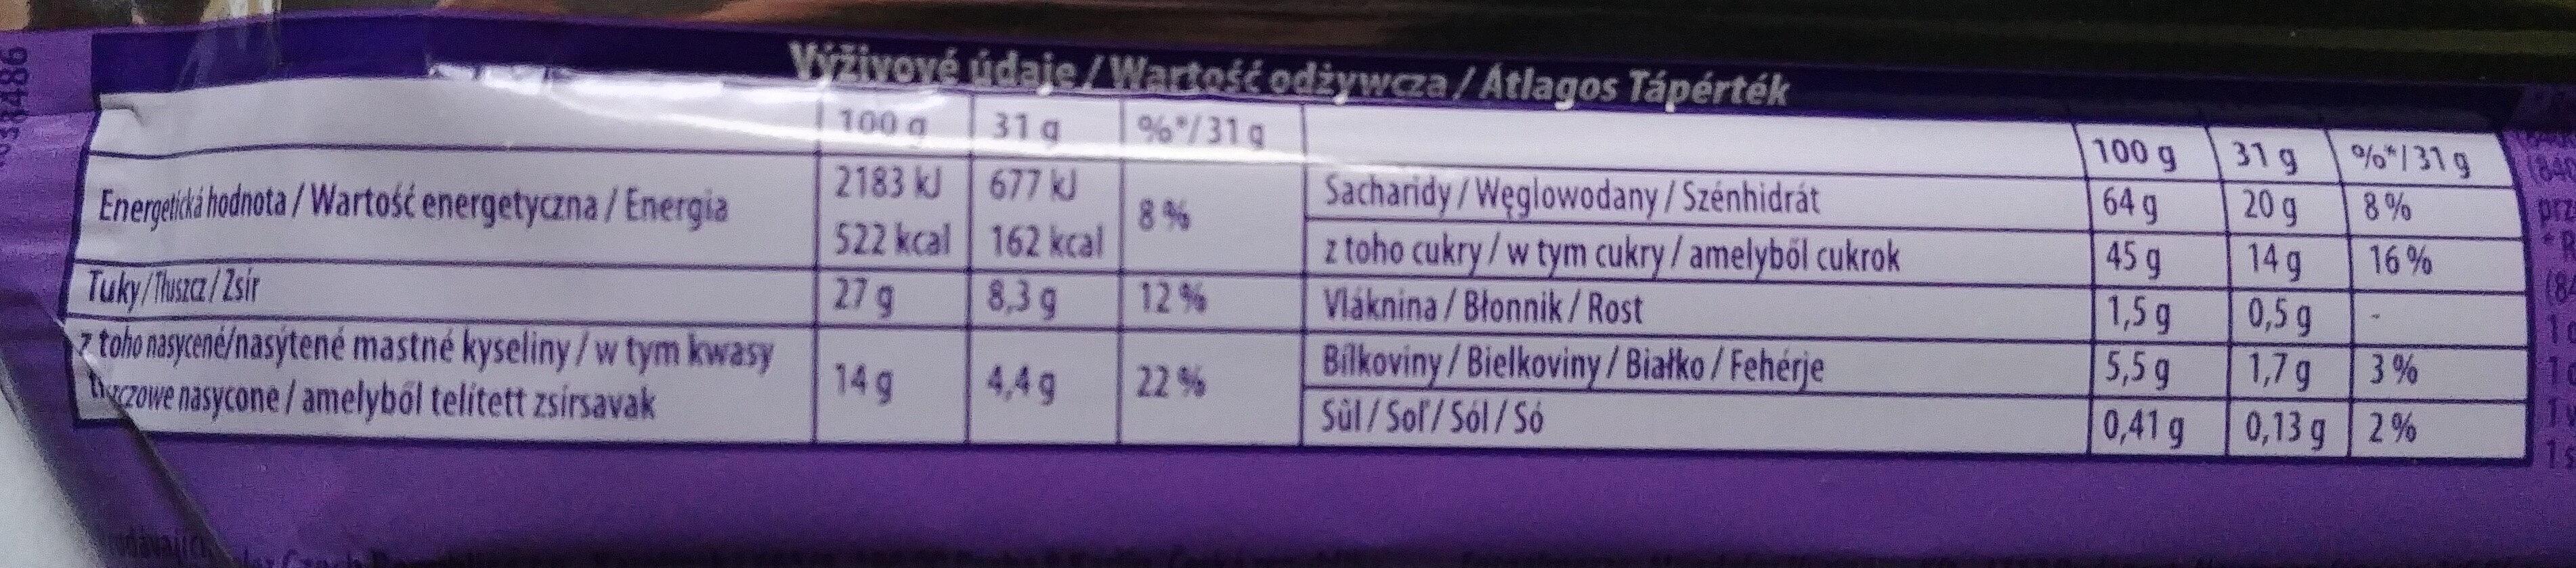 Wafelek oblany czekoladą mleczną z mleka alpejskiego. - Informations nutritionnelles